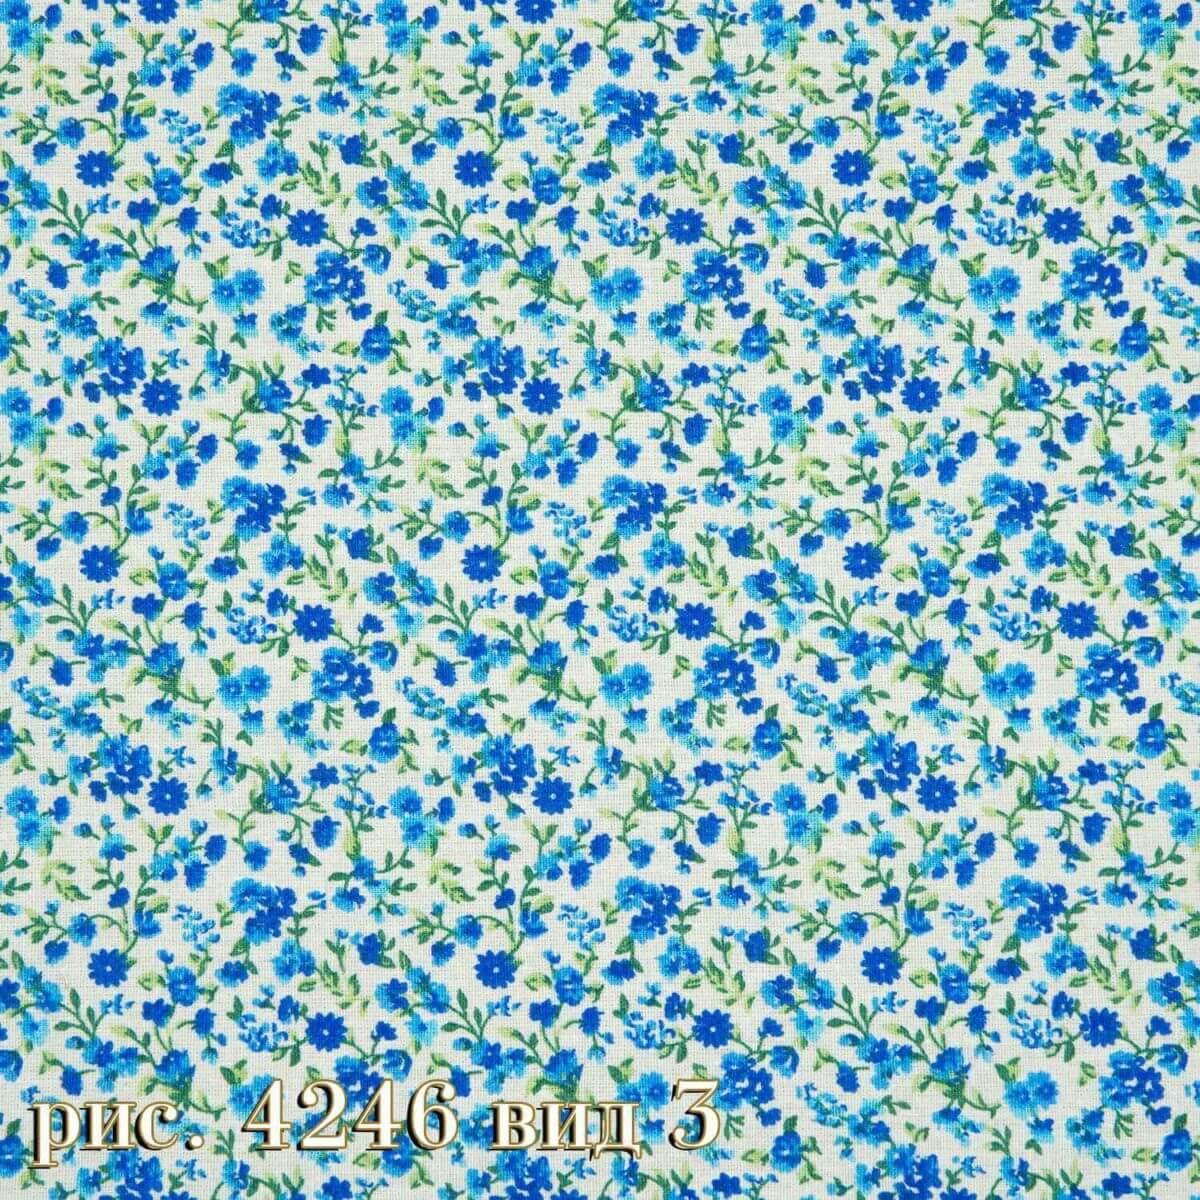 Фото 18 - Плательная ткань бязь 220 см (4246/11).